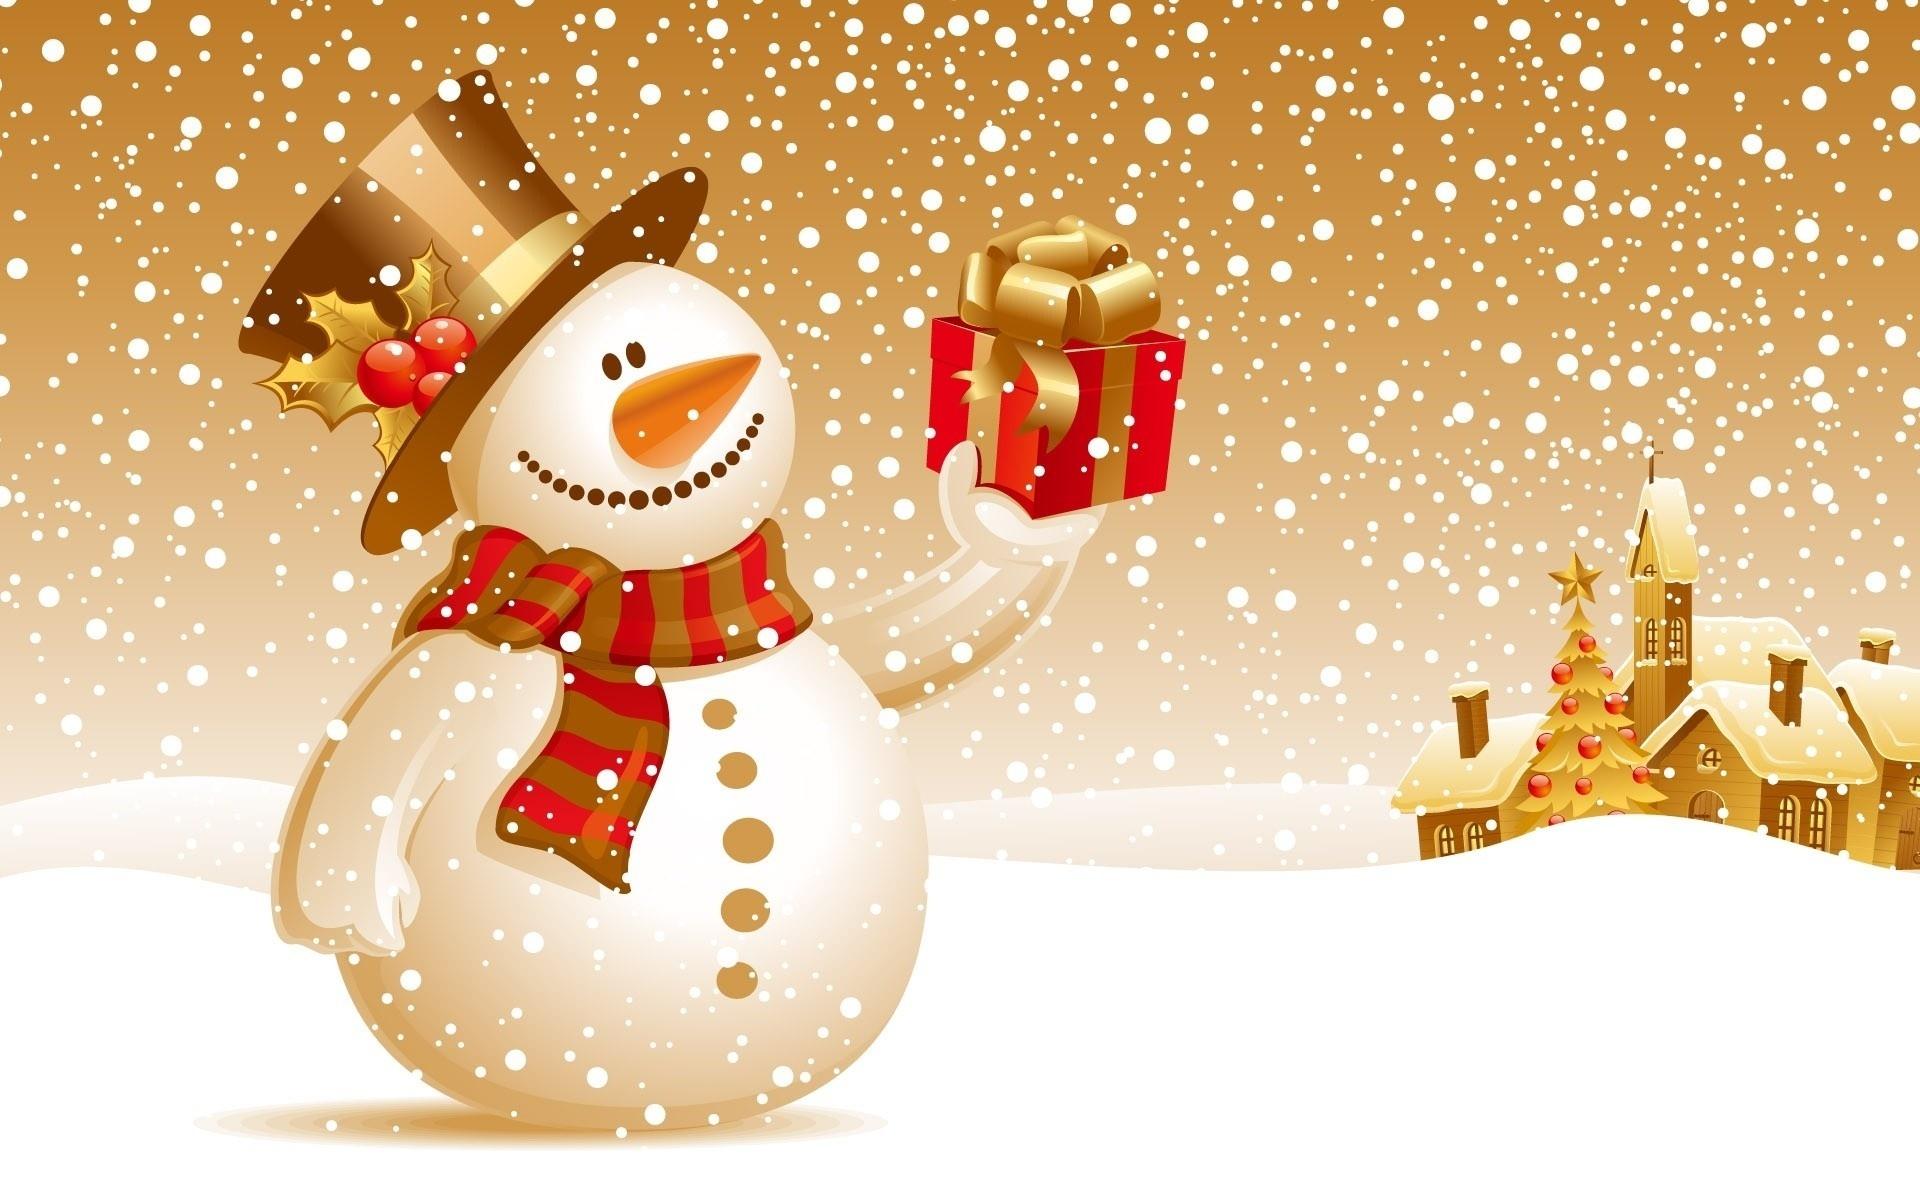 преподаватель духовной снеговик с подарком картинки струи фонтана